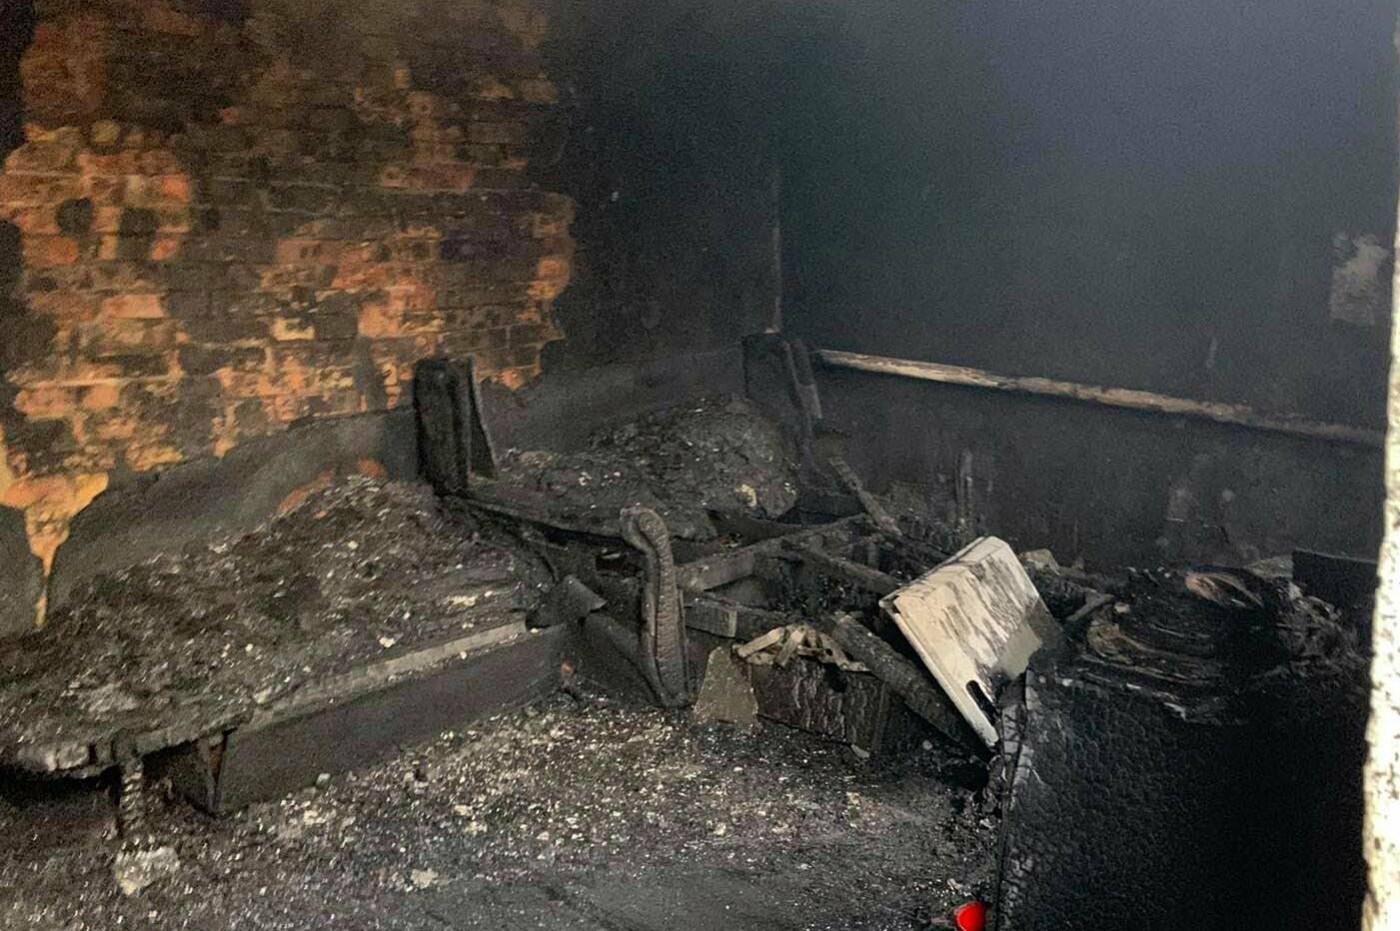 В Днепропетровской области маленький ребенок пострадал на пожаре, - ФОТО, фото-2